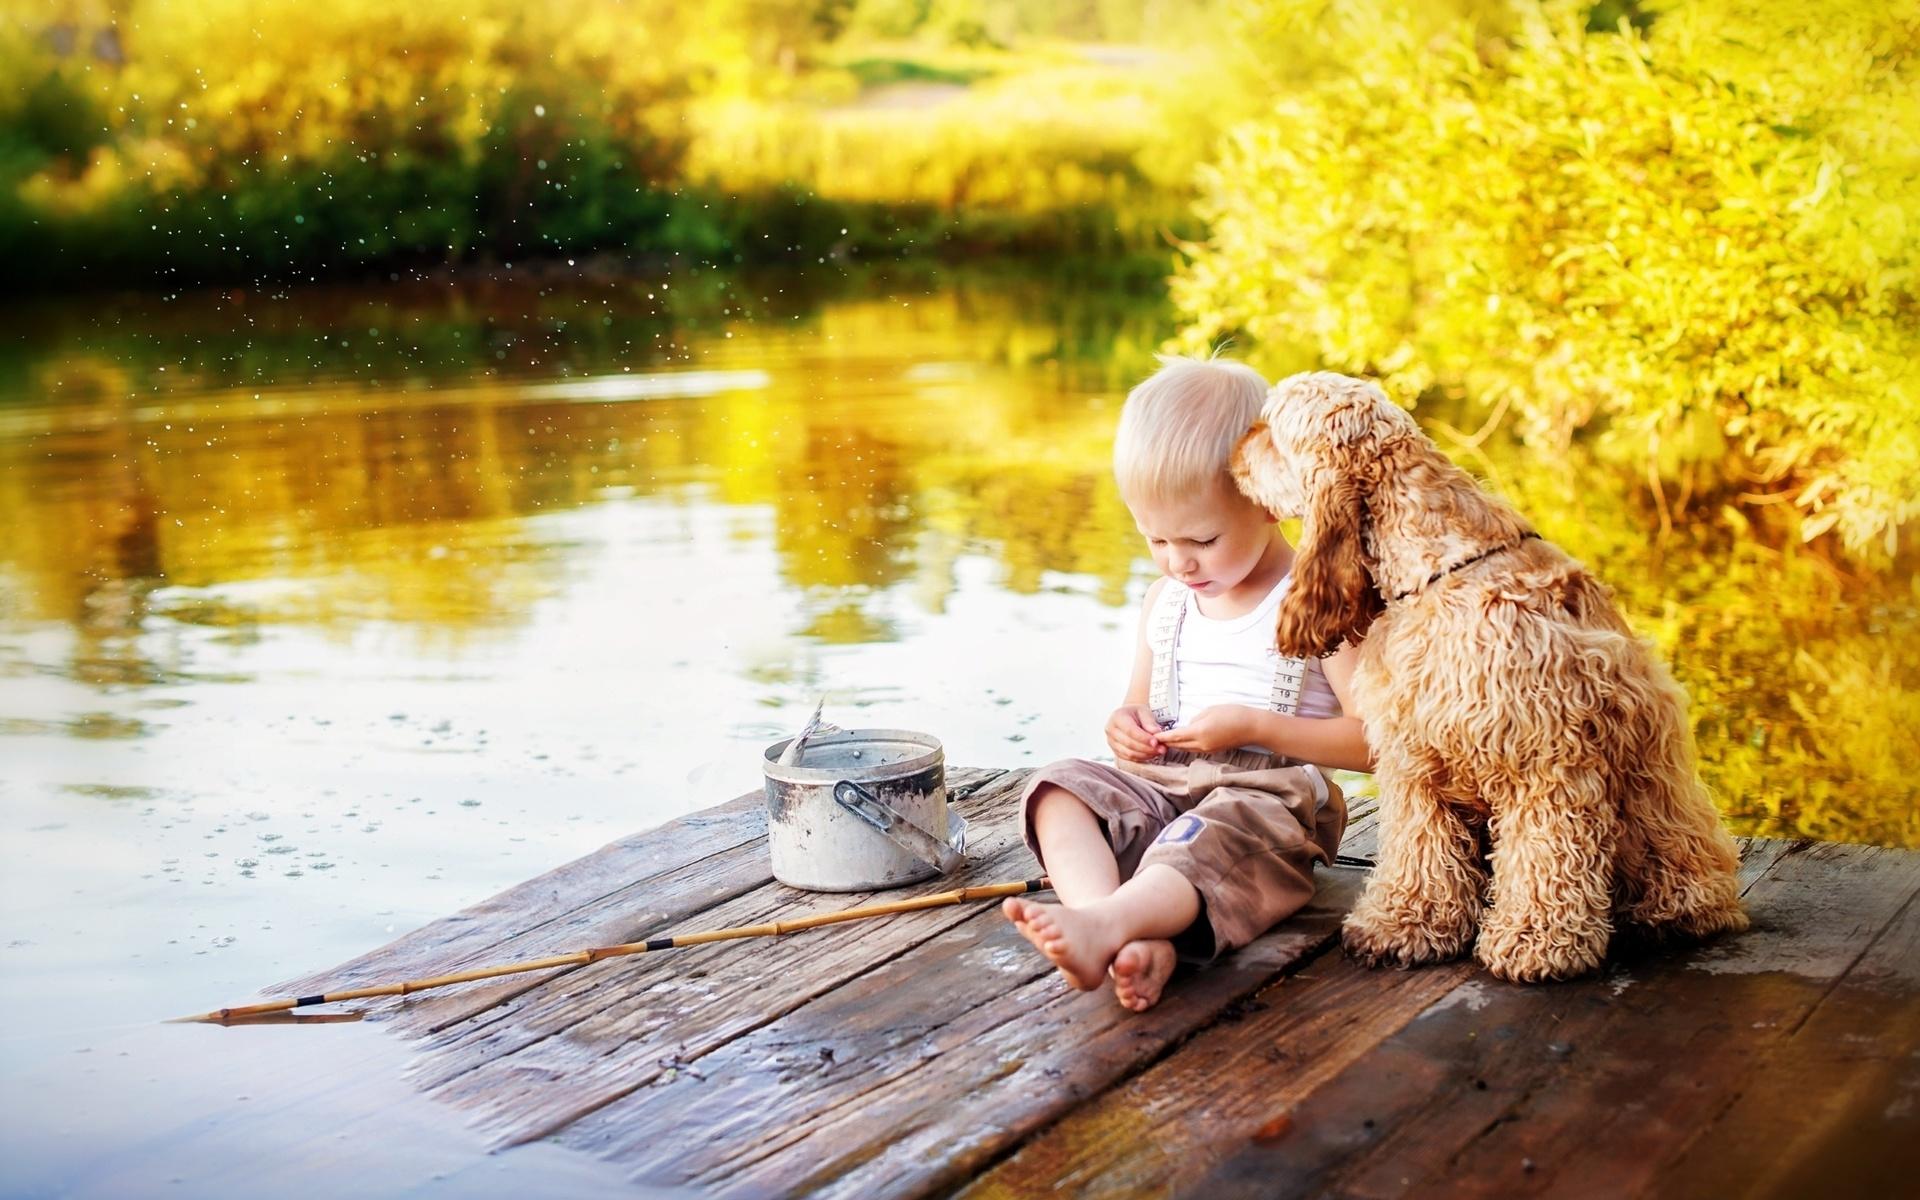 Смешные животные на природе картинки для детей, ведьма